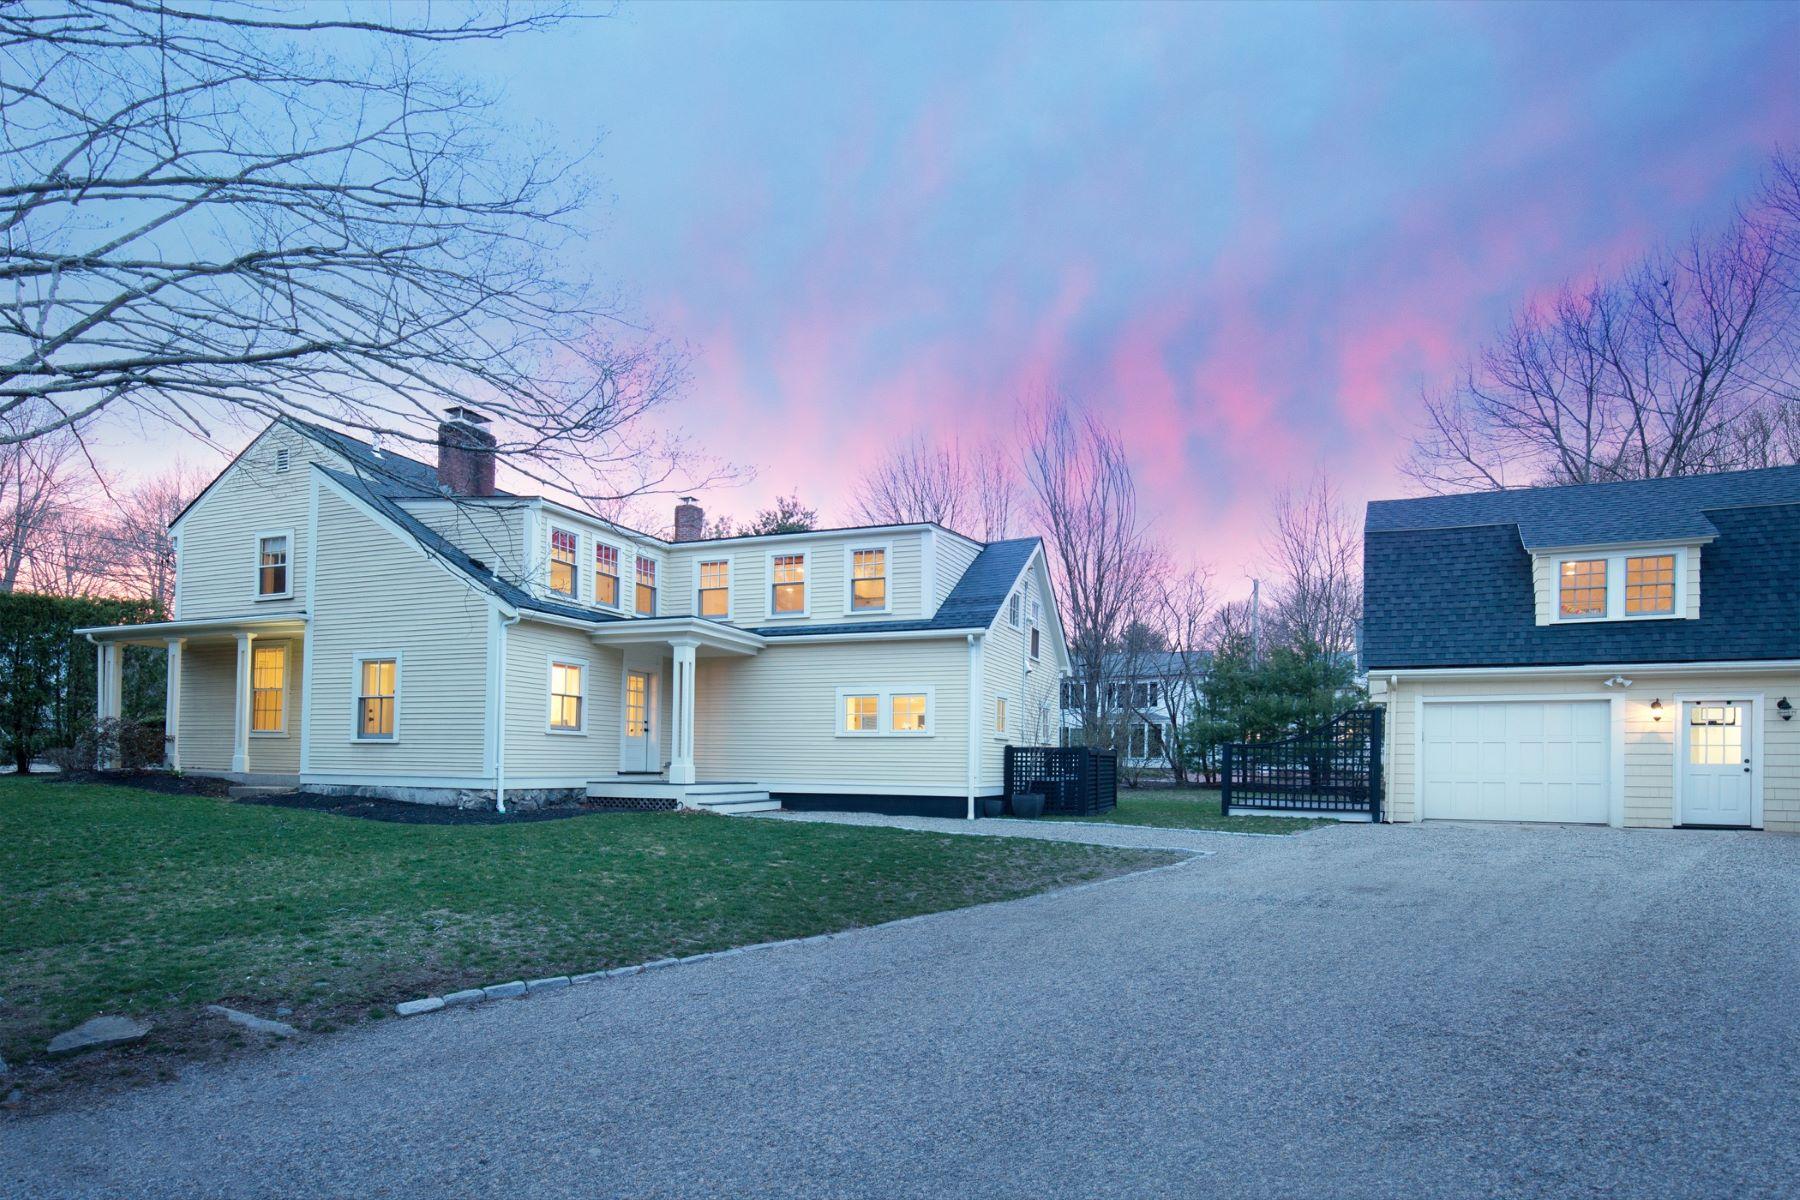 Nhà ở nhiều gia đình vì Bán tại Stunning Scandinavian Design Home 881 Massachusetts Ave Lexington, Massachusetts, 02420 Hoa Kỳ